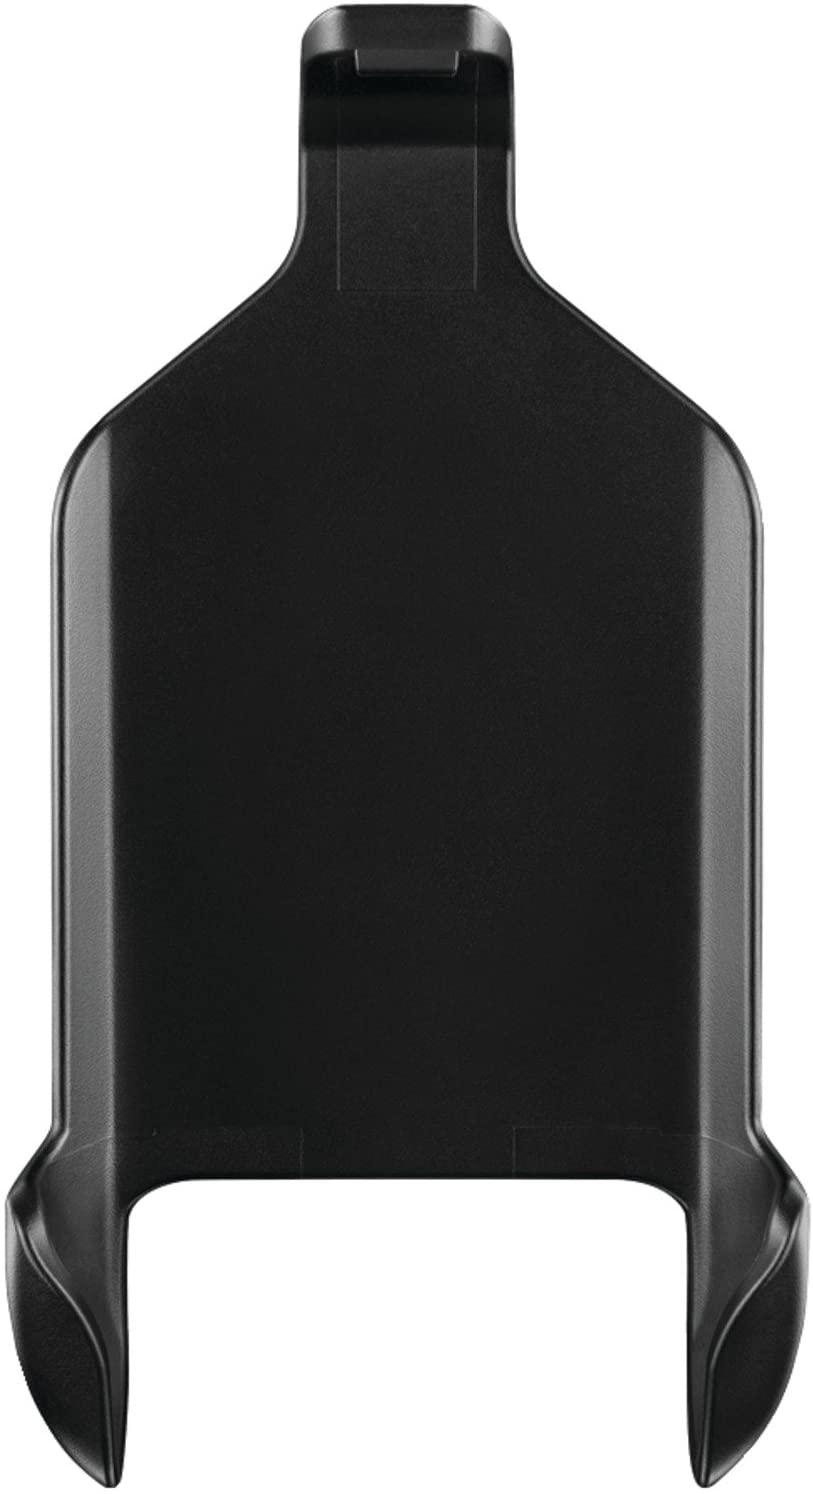 Garmin Belt Clip, Standard Packaging